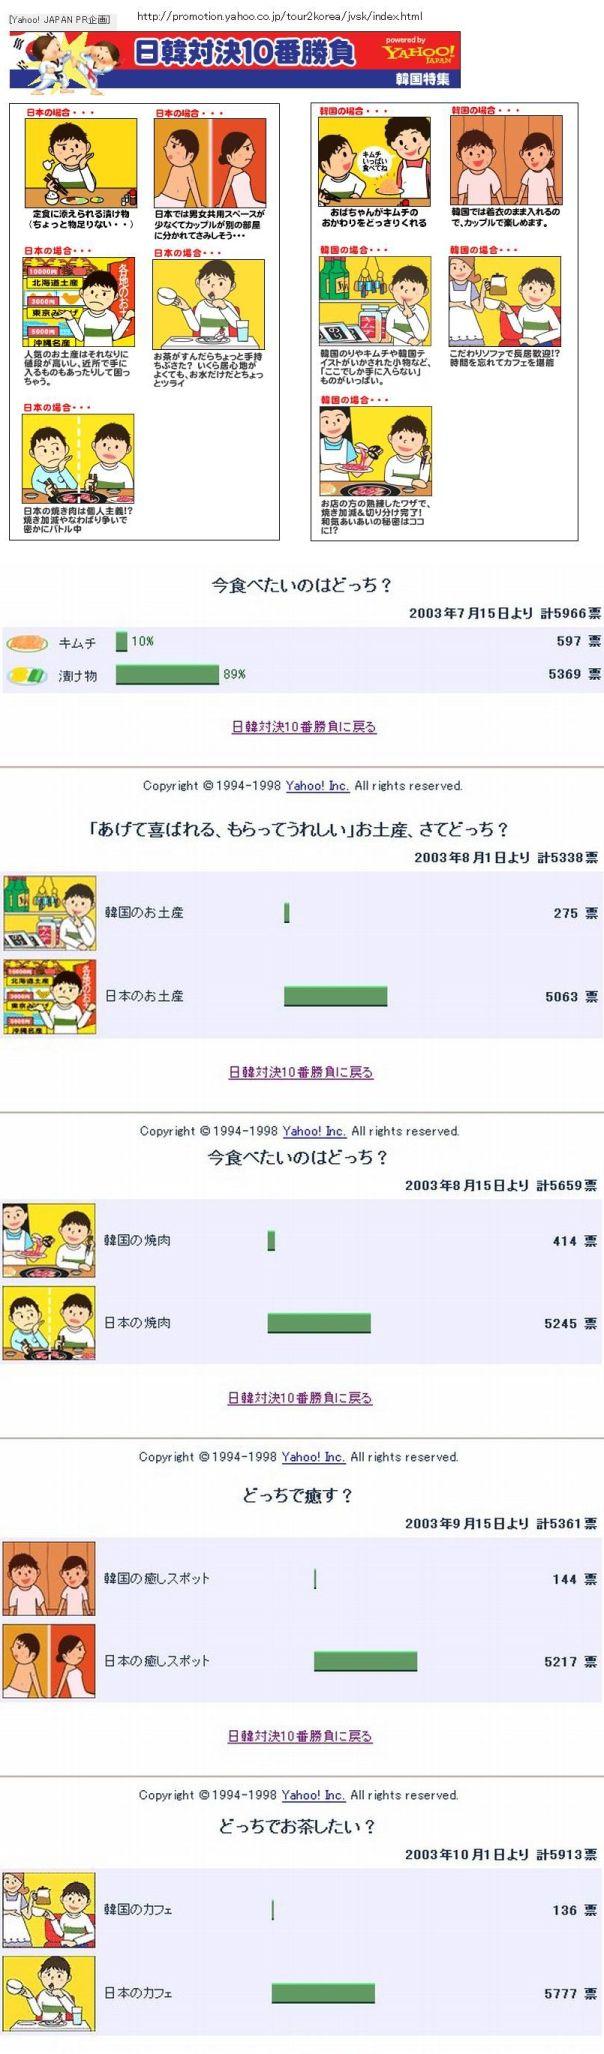 http://livedoor.blogimg.jp/affiri009-001/imgs/a/0/a073c00d.jpg